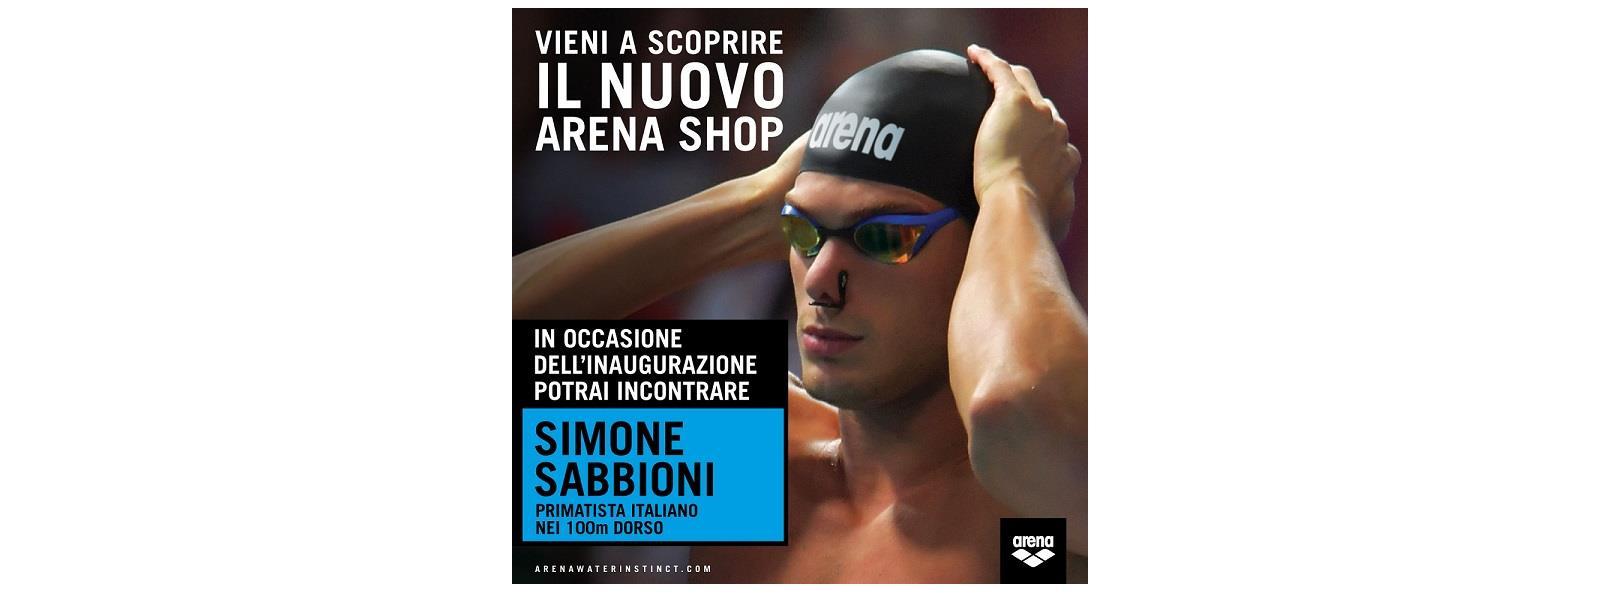 a3583ce3bf8a Ti aspettiamo all'inaugurazione del nuovo Arena Shop allo Stadio del nuoto  Riccione presso la Polisportiva Riccione !!! Special guest, il primatista  ...